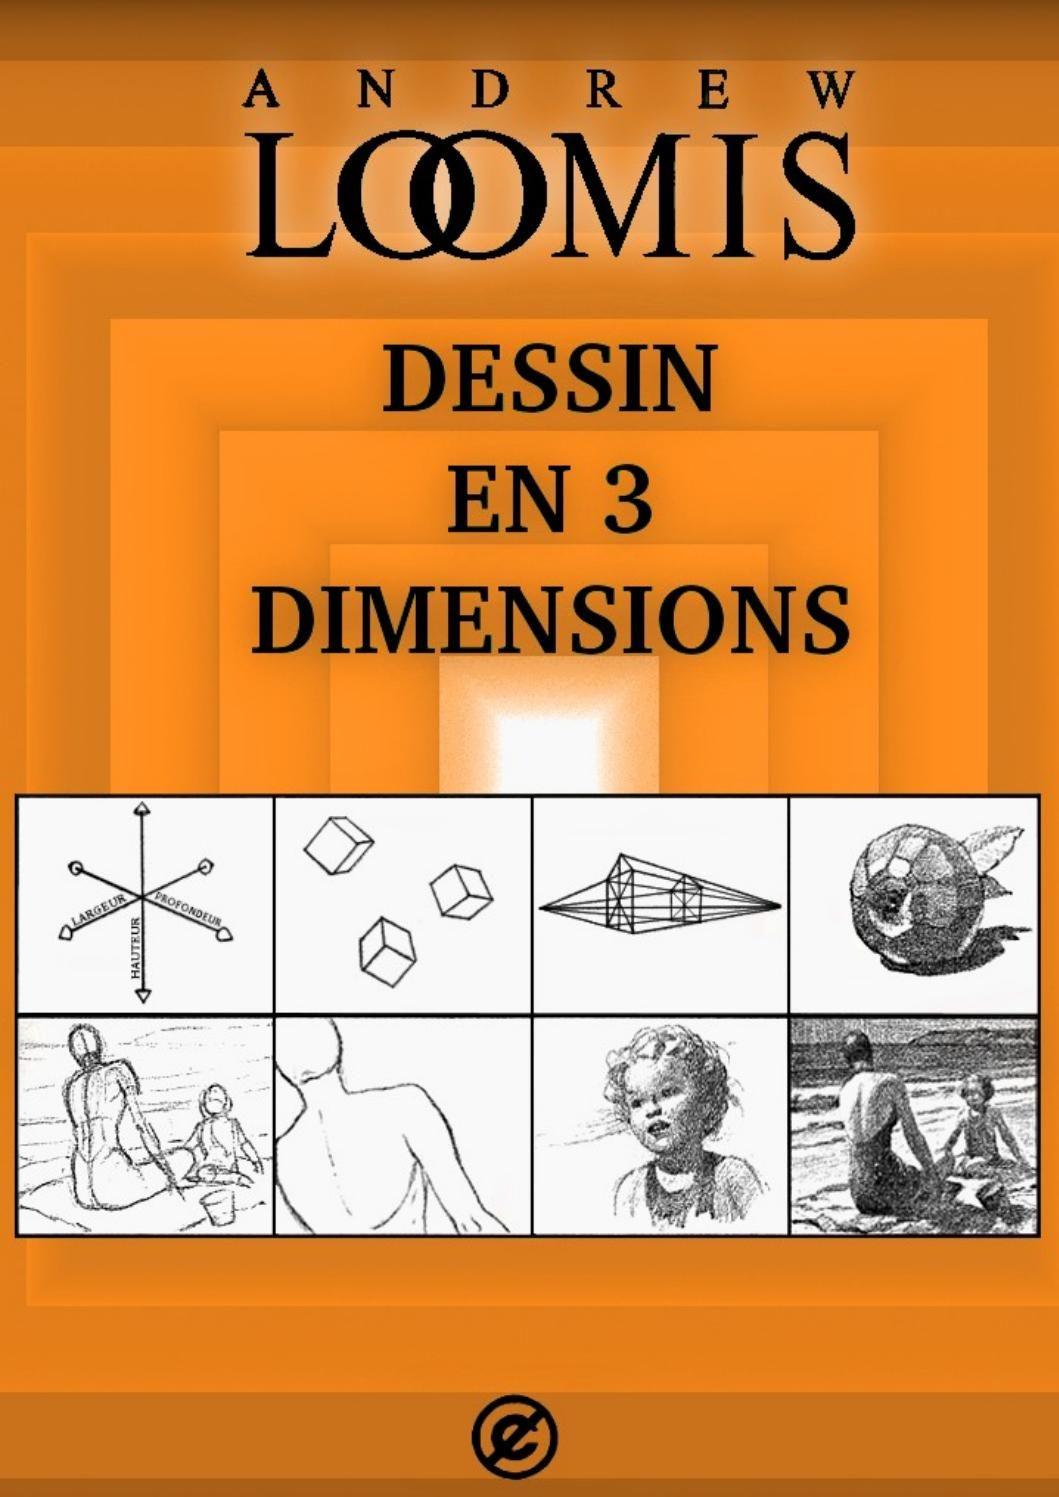 Andrew loomis dessin en 3 dimensions in 2020 andrew